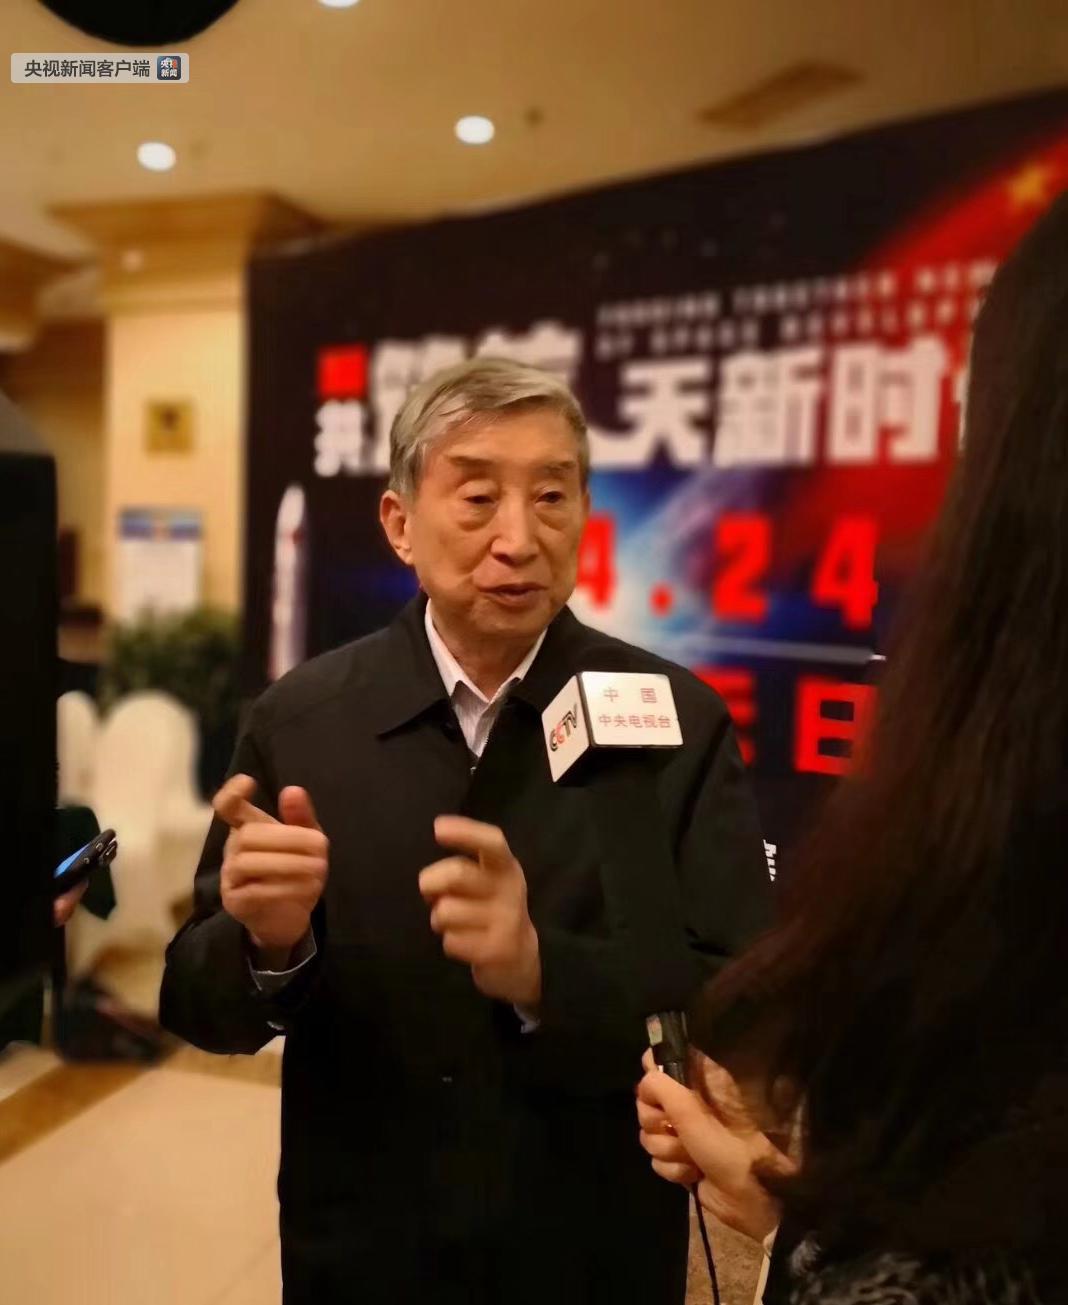 王礼恒:中国正在开展载人登月登火论证栾海燕大闹白云机场